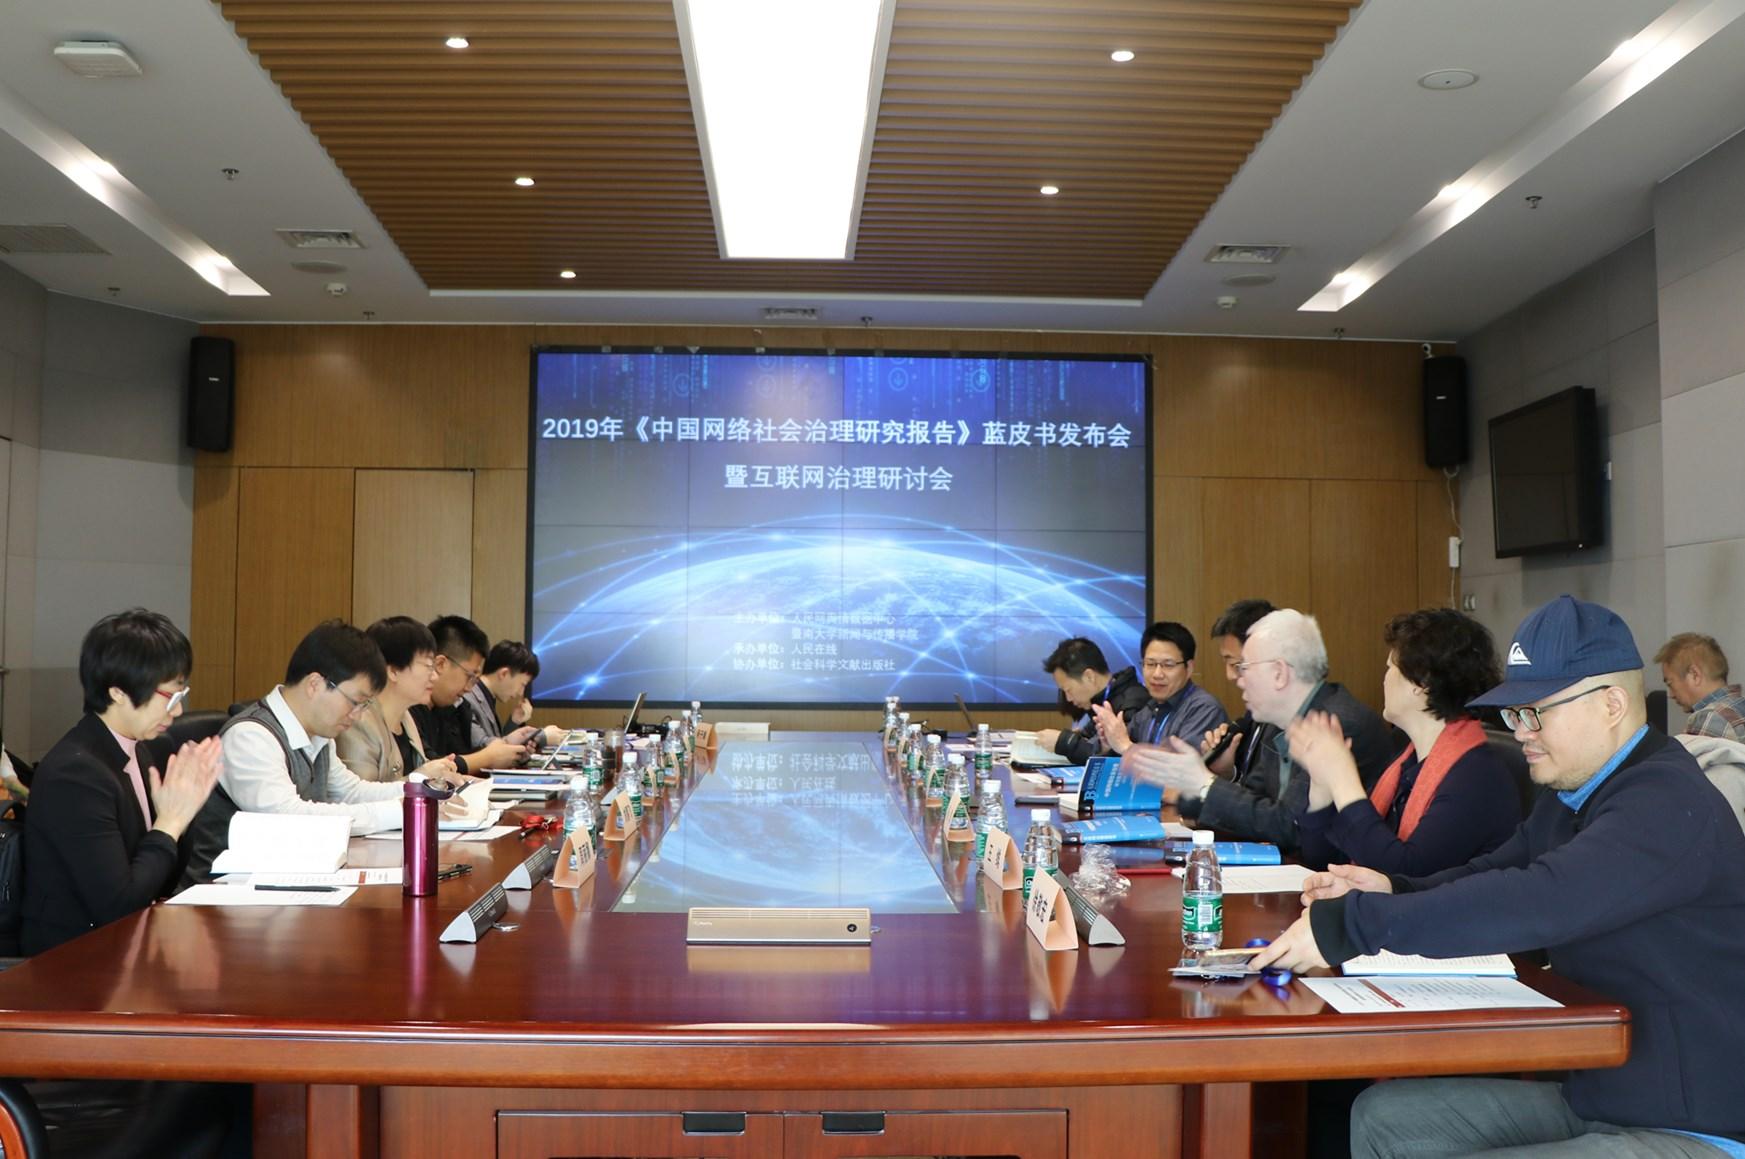 2019年互联网治理蓝皮书在京发布